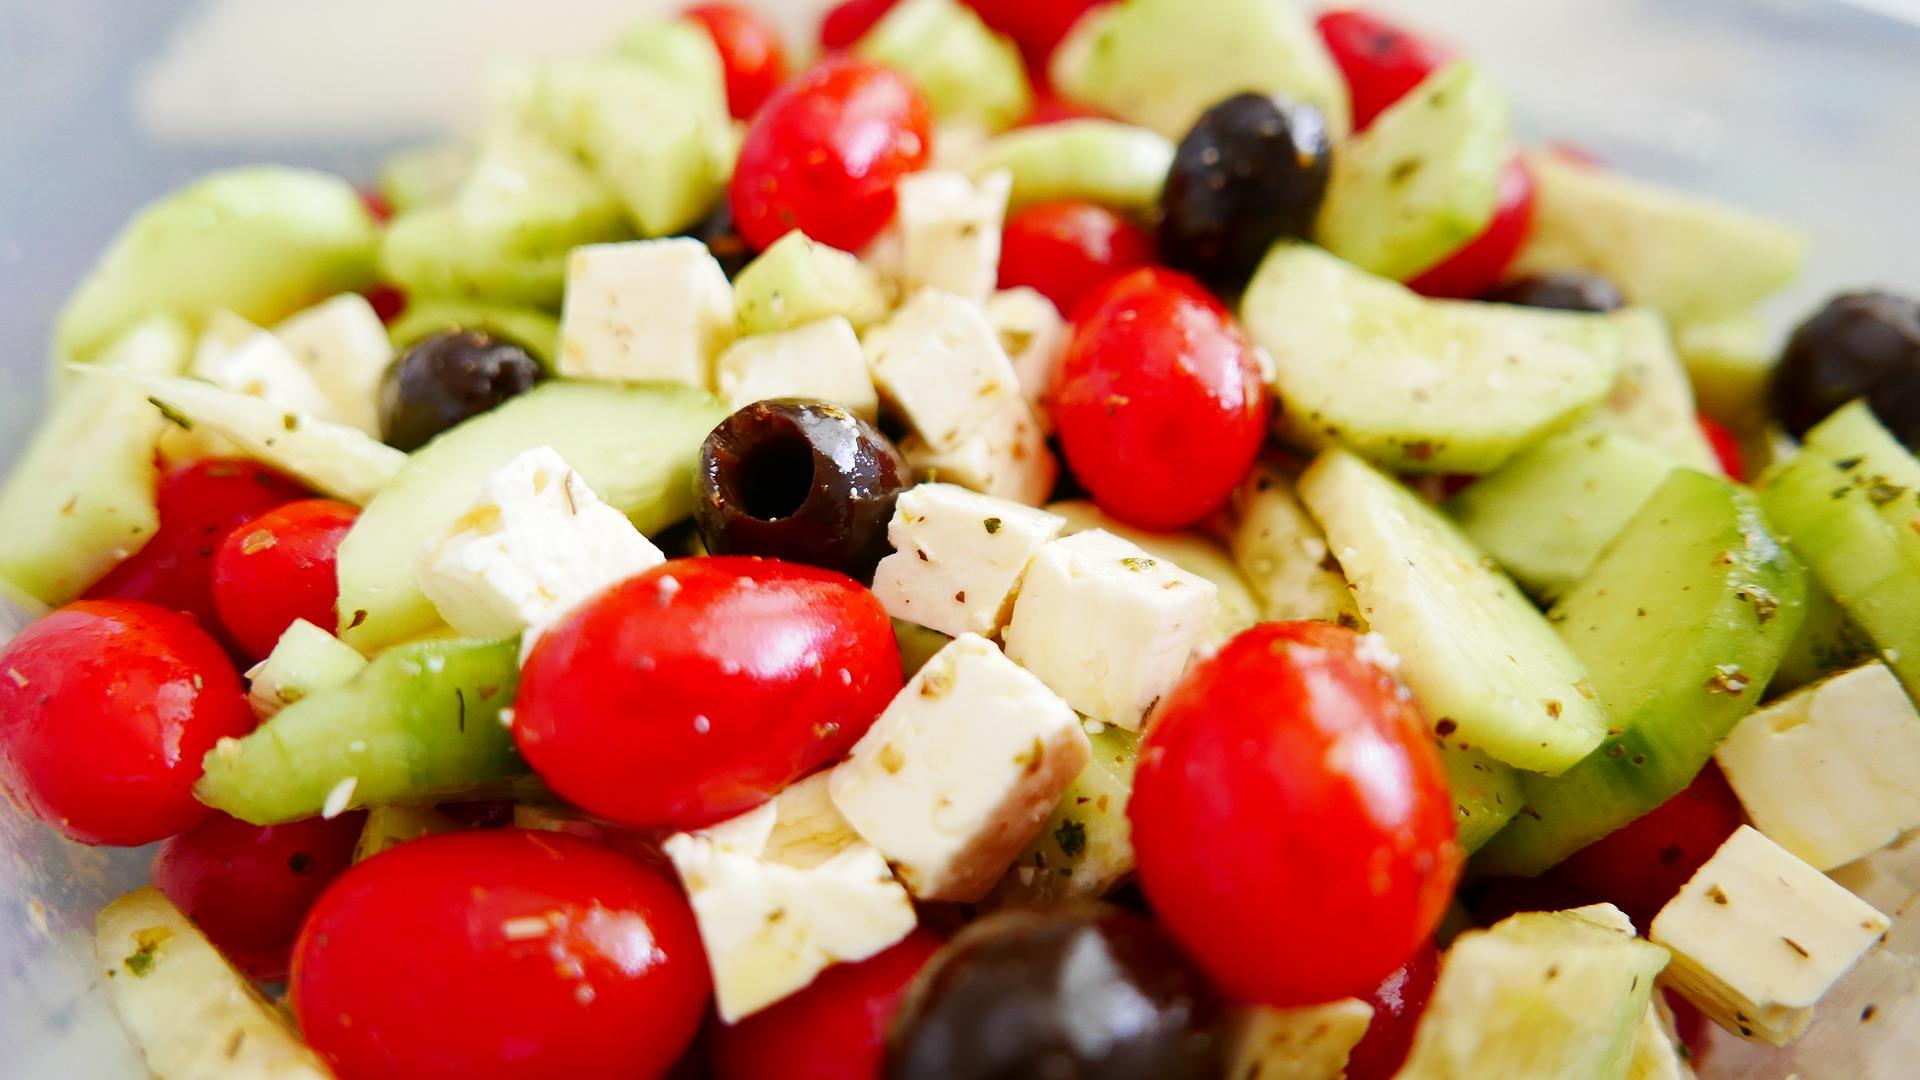 Sałatka z fetą, pomidorkami i chili – doskonały dodatek do potraw, ale także idealny lekki posiłek na wiosenny dzień.